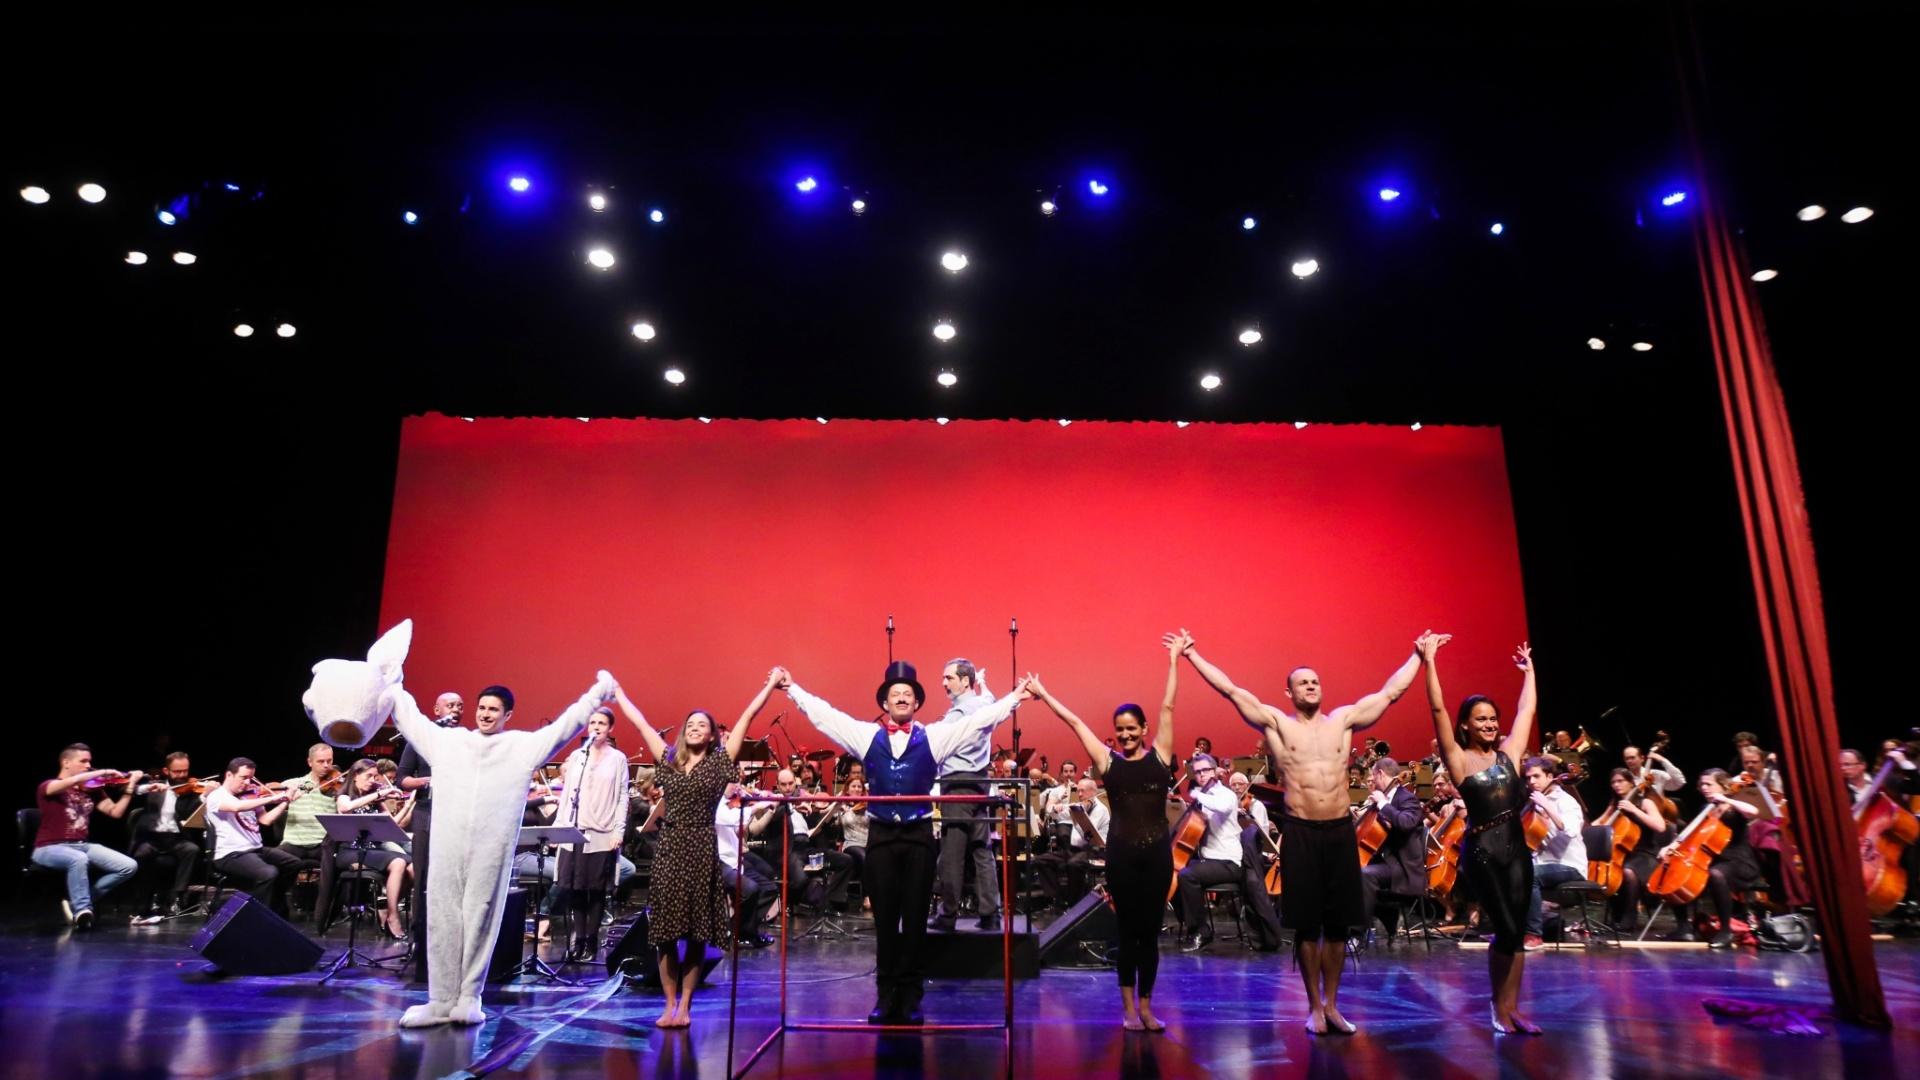 O concerto conta ainda com artistas circenses como: Andréi Parmesan e Pamela Munhoz (Acrobacia em Dupla), Paulo Maeda (Parada de Mãos), Natalia Presser (Cabide Aéreo) e Vagner Junqueira (Malabares Cubo). Com a participação especial: Marisa Silveira (Tecido). A direção circense fica por conta de Natalia Presser